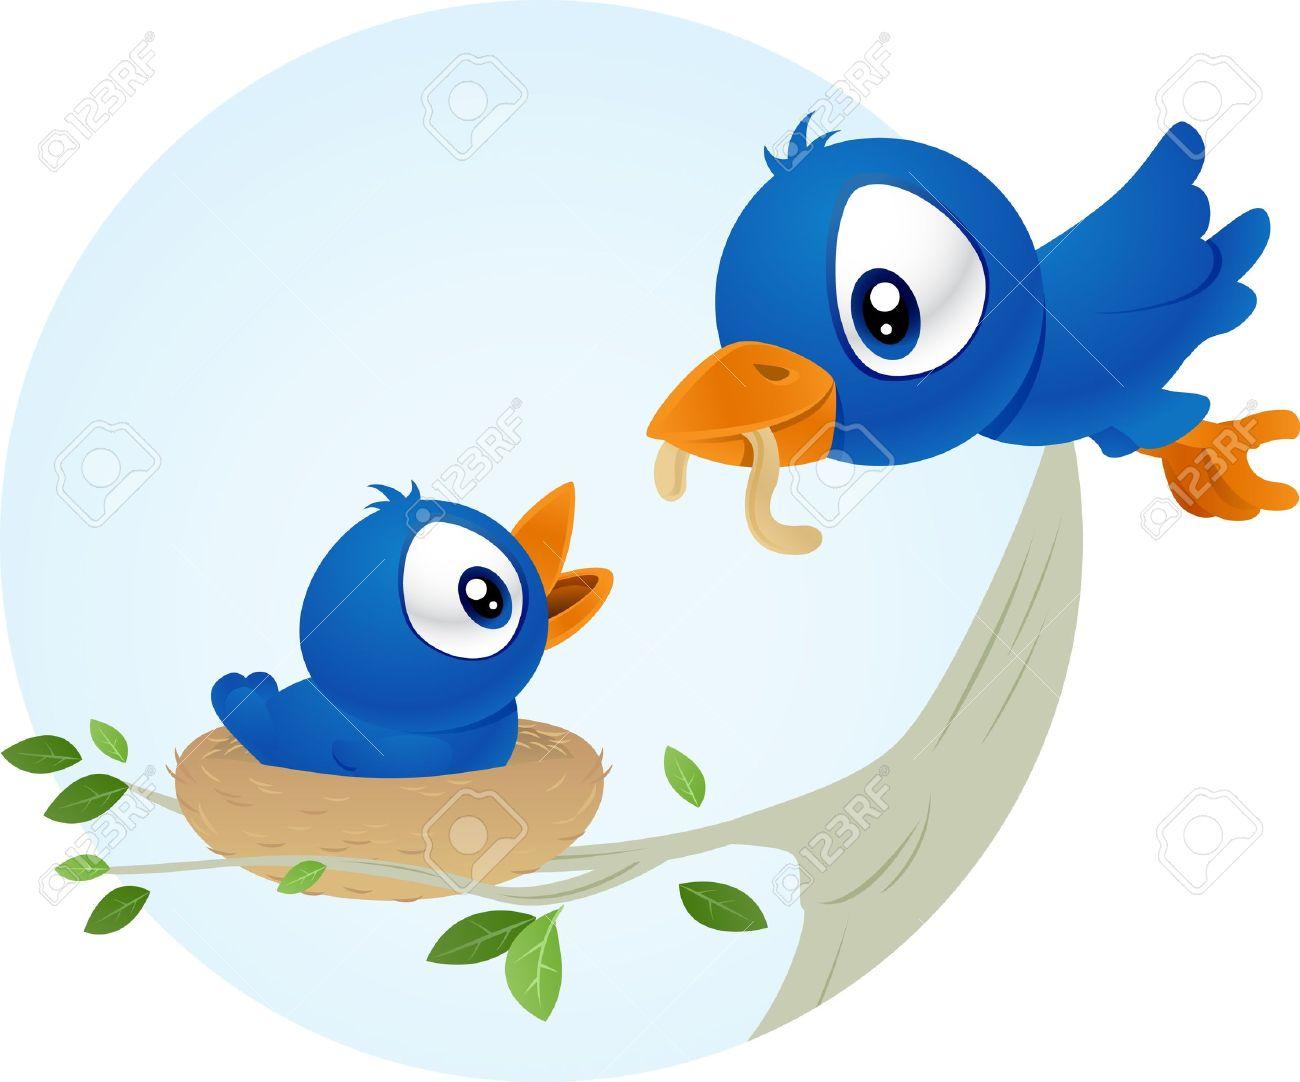 In free download best. Nest clipart bird feeder